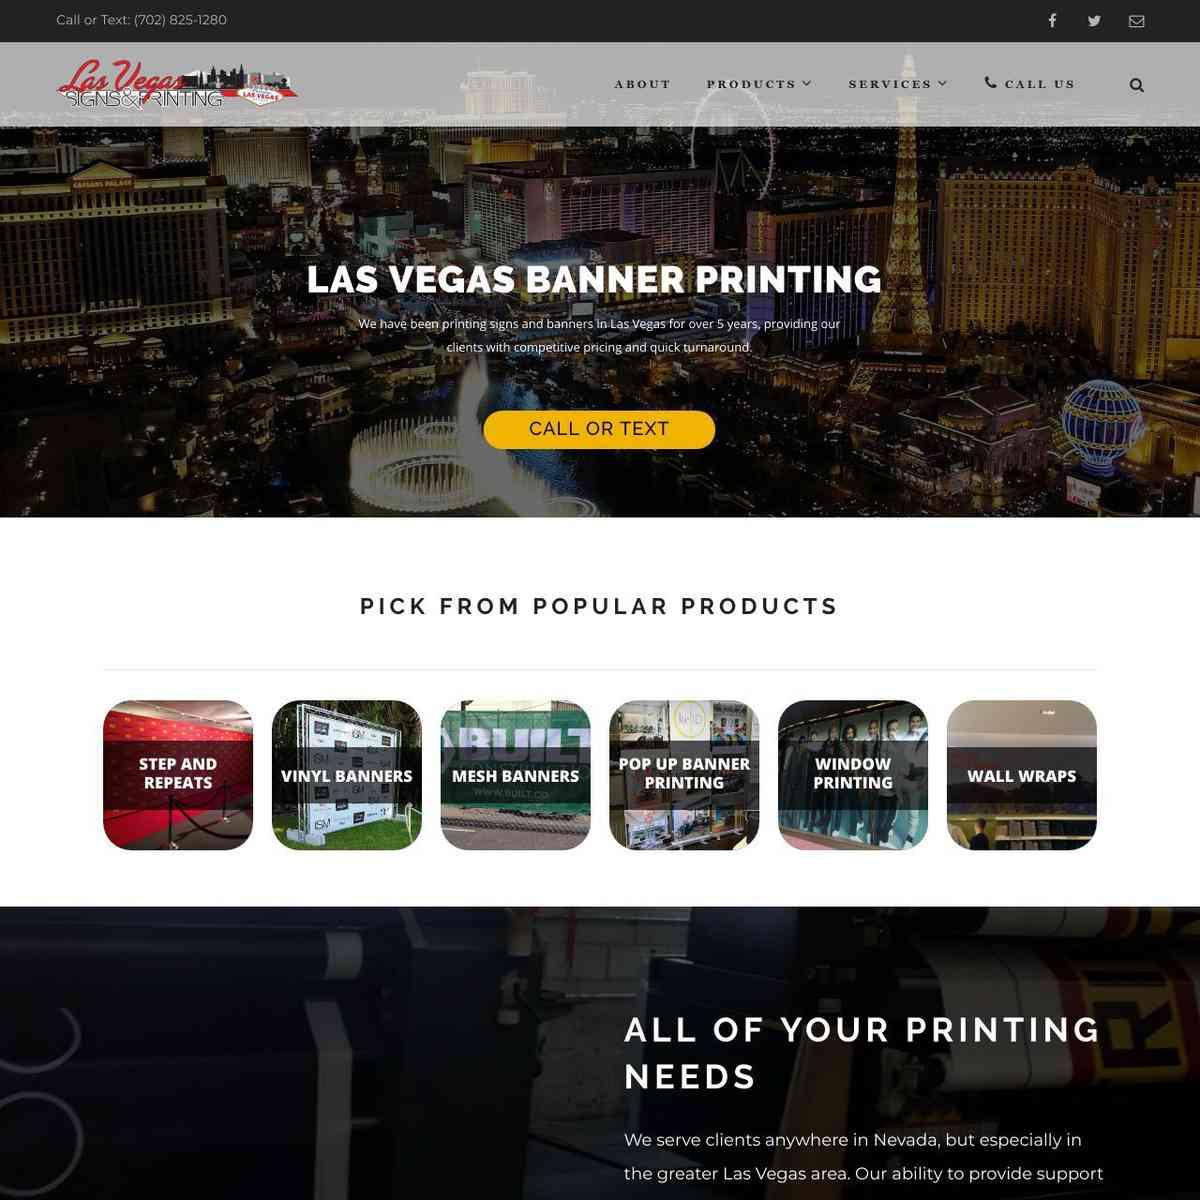 Las Vegas Banner Printing